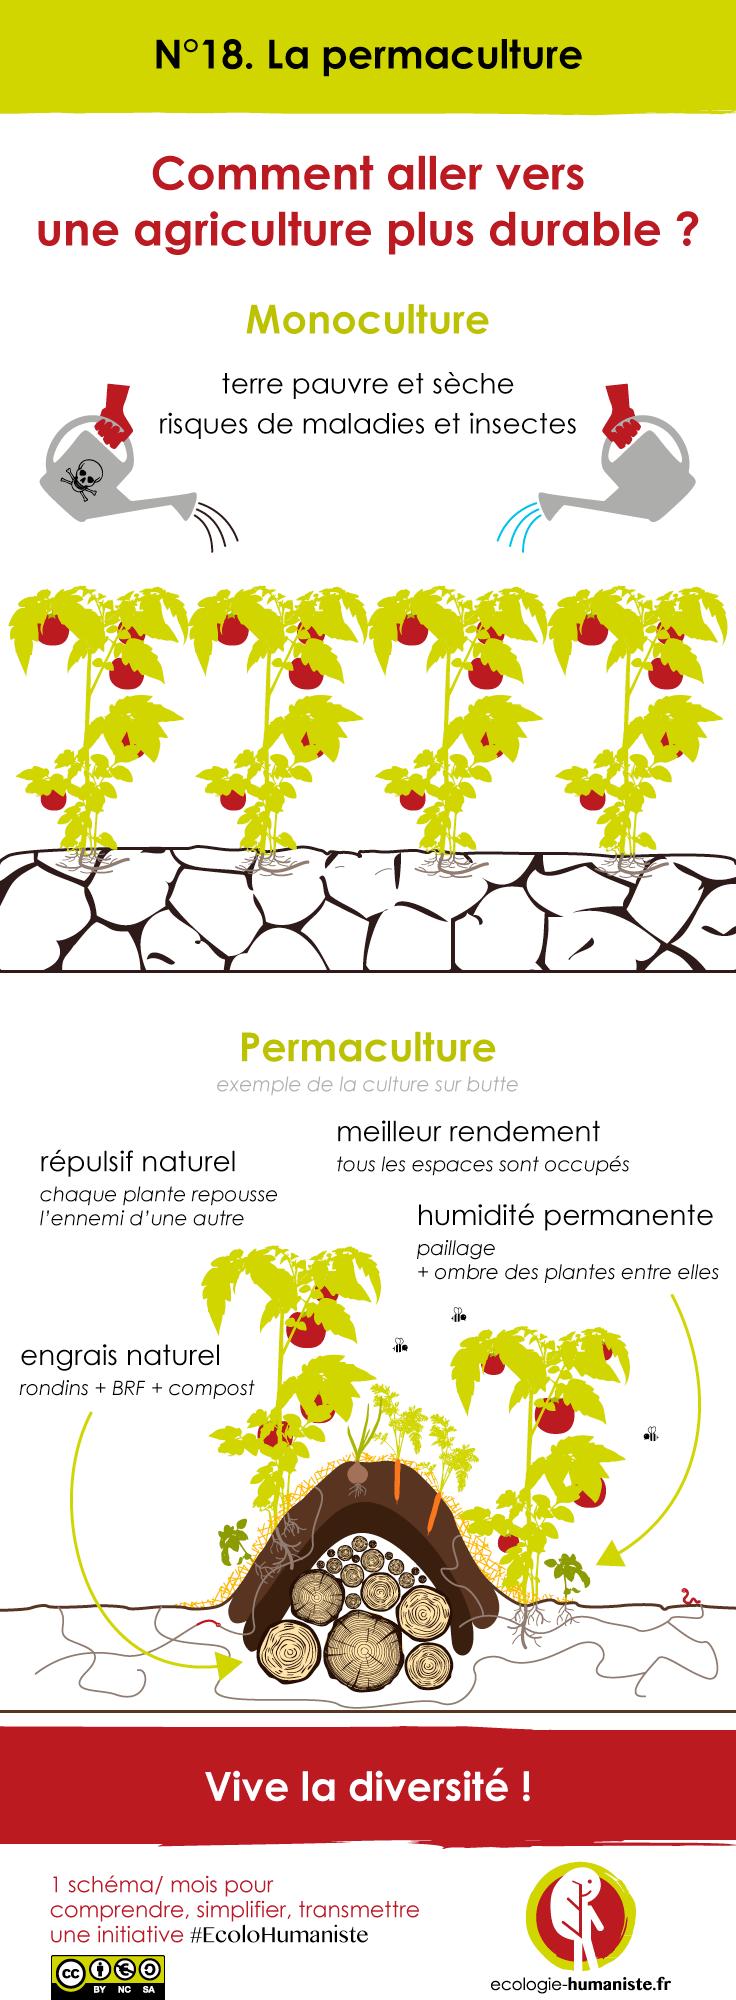 La permaculture en un sch ma for Culture sur butte permaculture